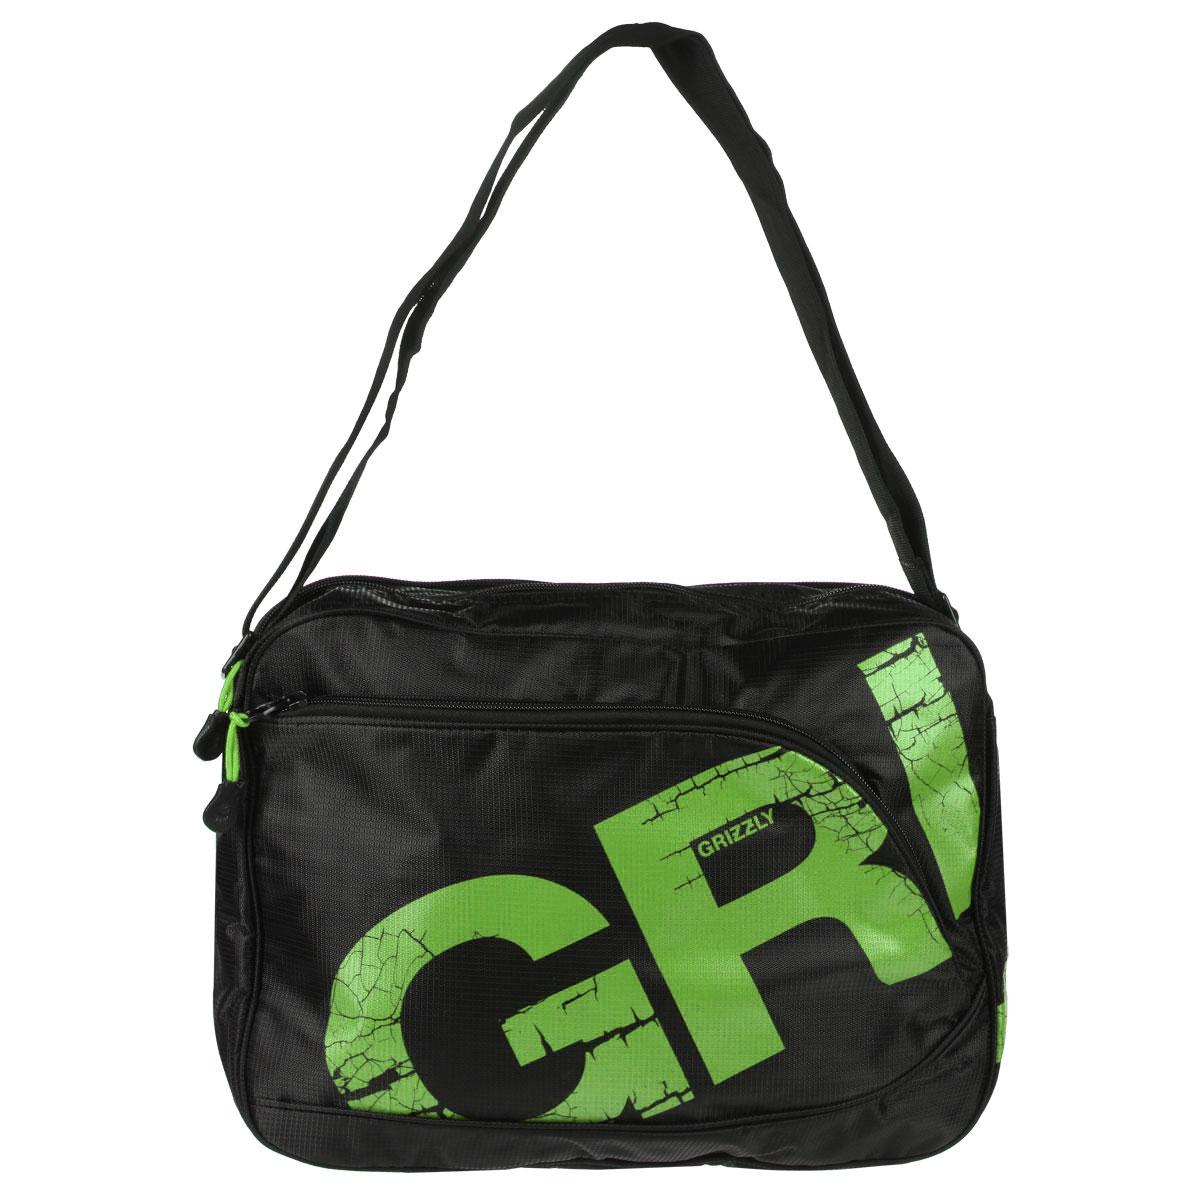 Grizzly Сумка школьная цвет черный салатовый MM-423-372523WDМолодежная сумка с двумя отделениями, застегивающимися на молнии. На сумке имеются множество карманов, на передней и задней стенках и внутри сумки. Имеется регулируемый ремень и ручка для переноски.